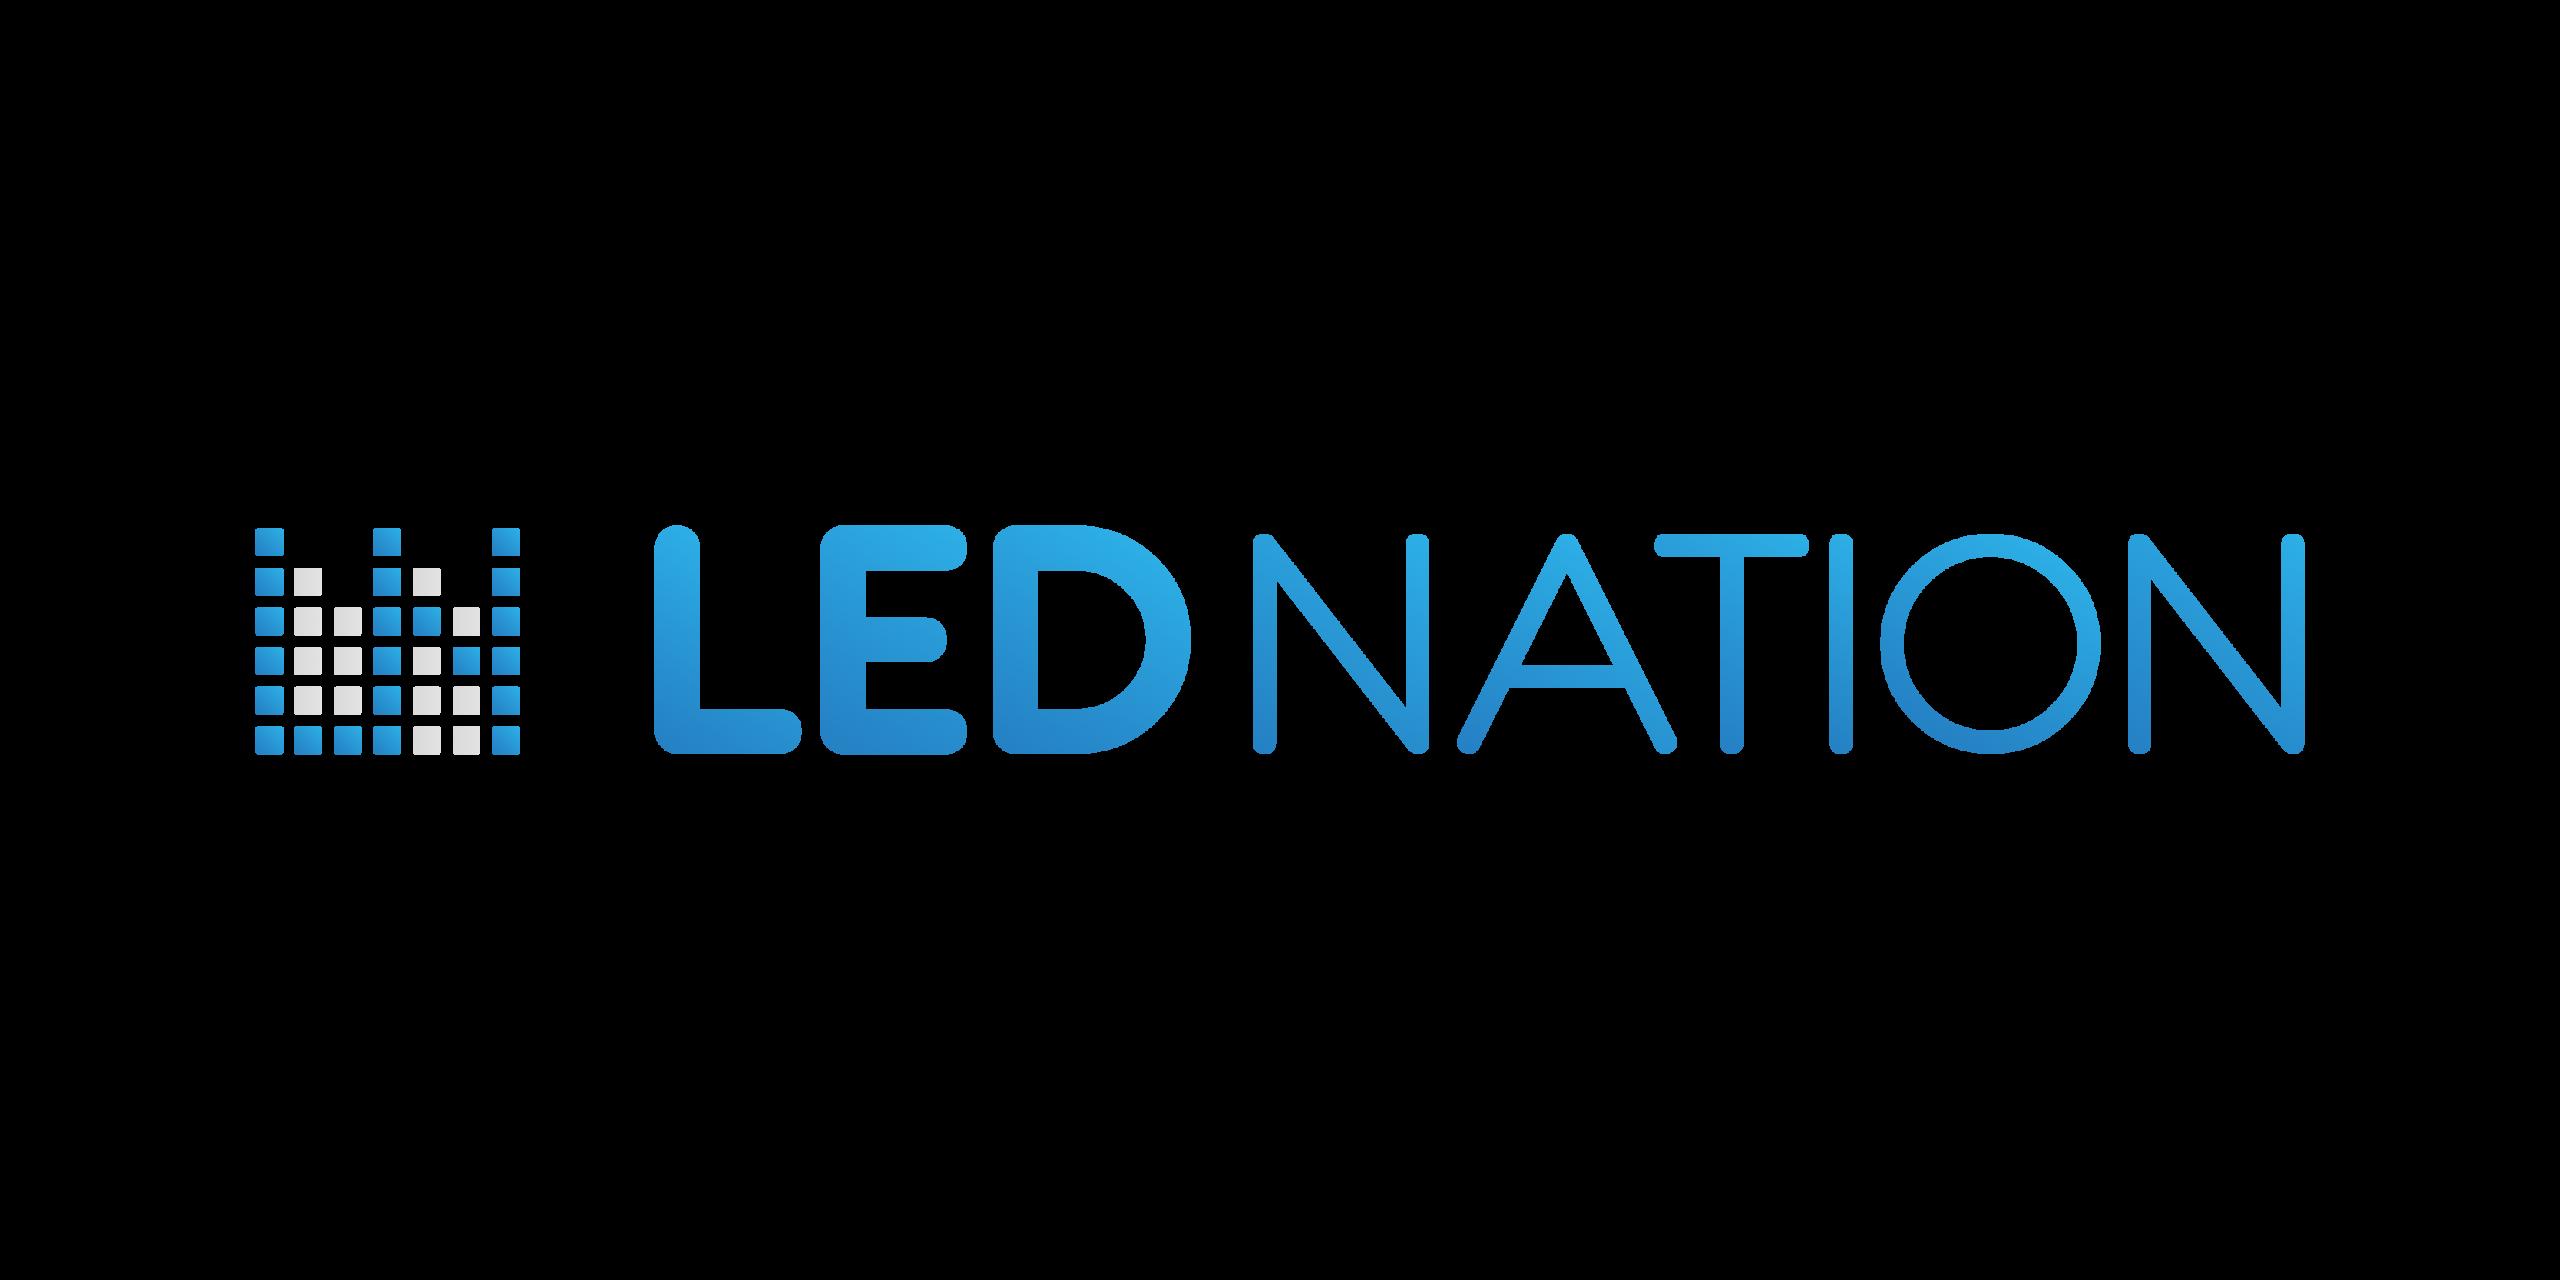 LED NATION - logo PNG 1 transparente